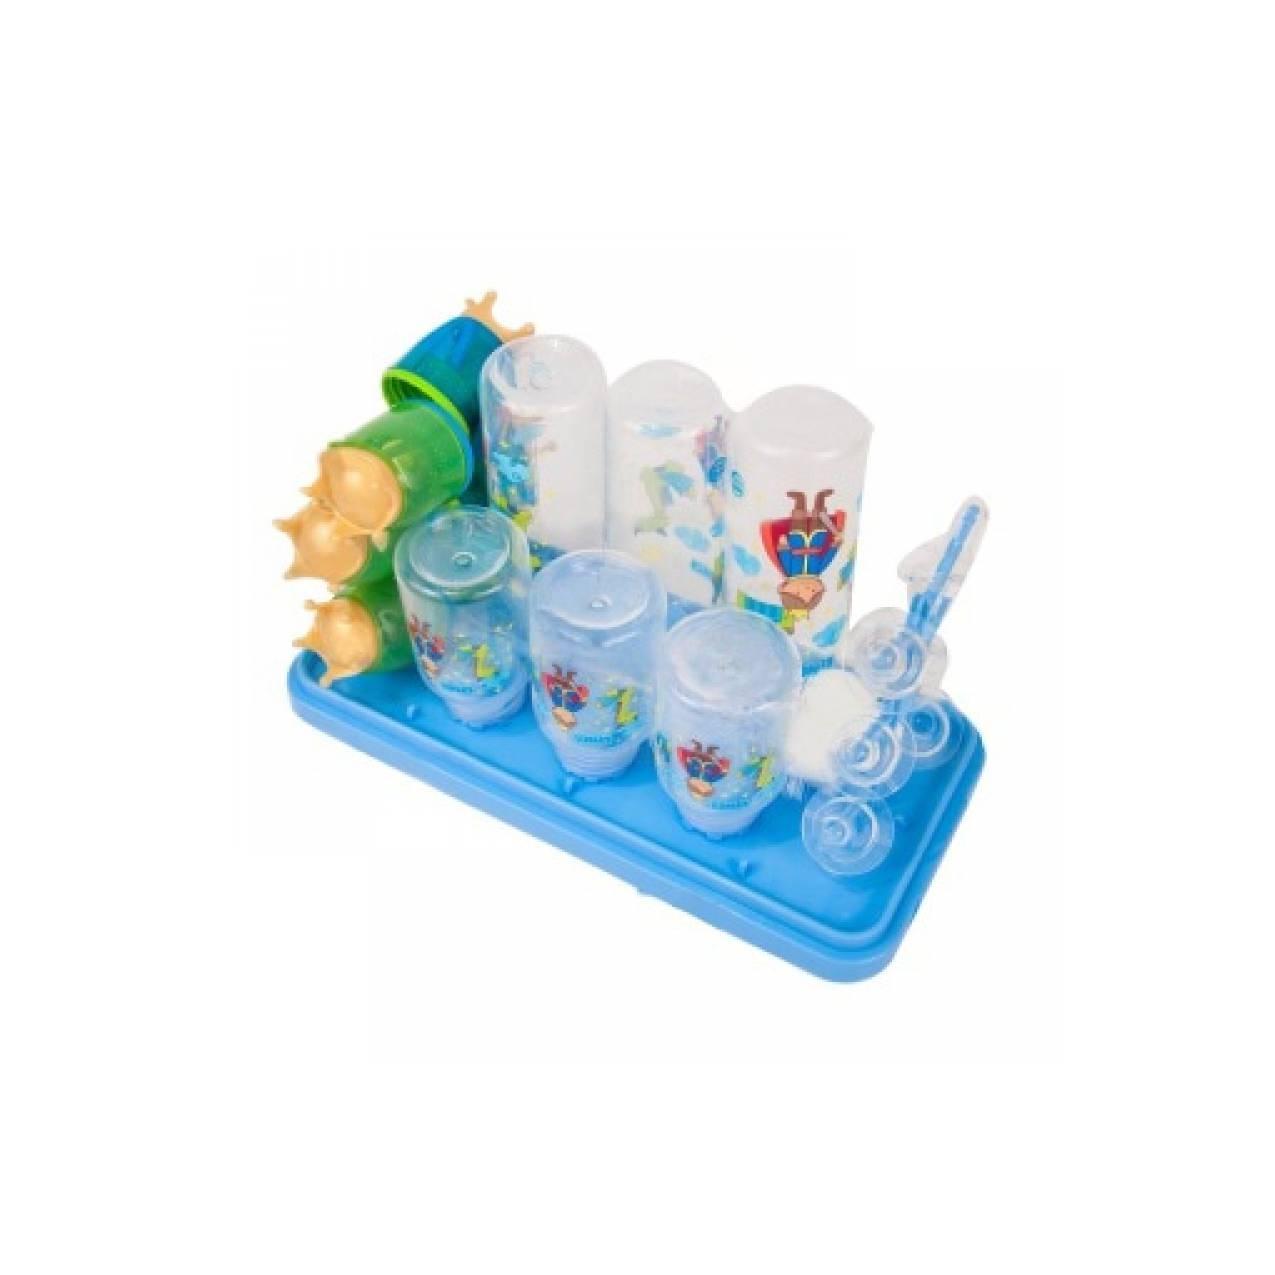 Rak Botol Set Isi 6 botol / Bottle Rack Set Lynea 3in1 /Botol Bayi Set